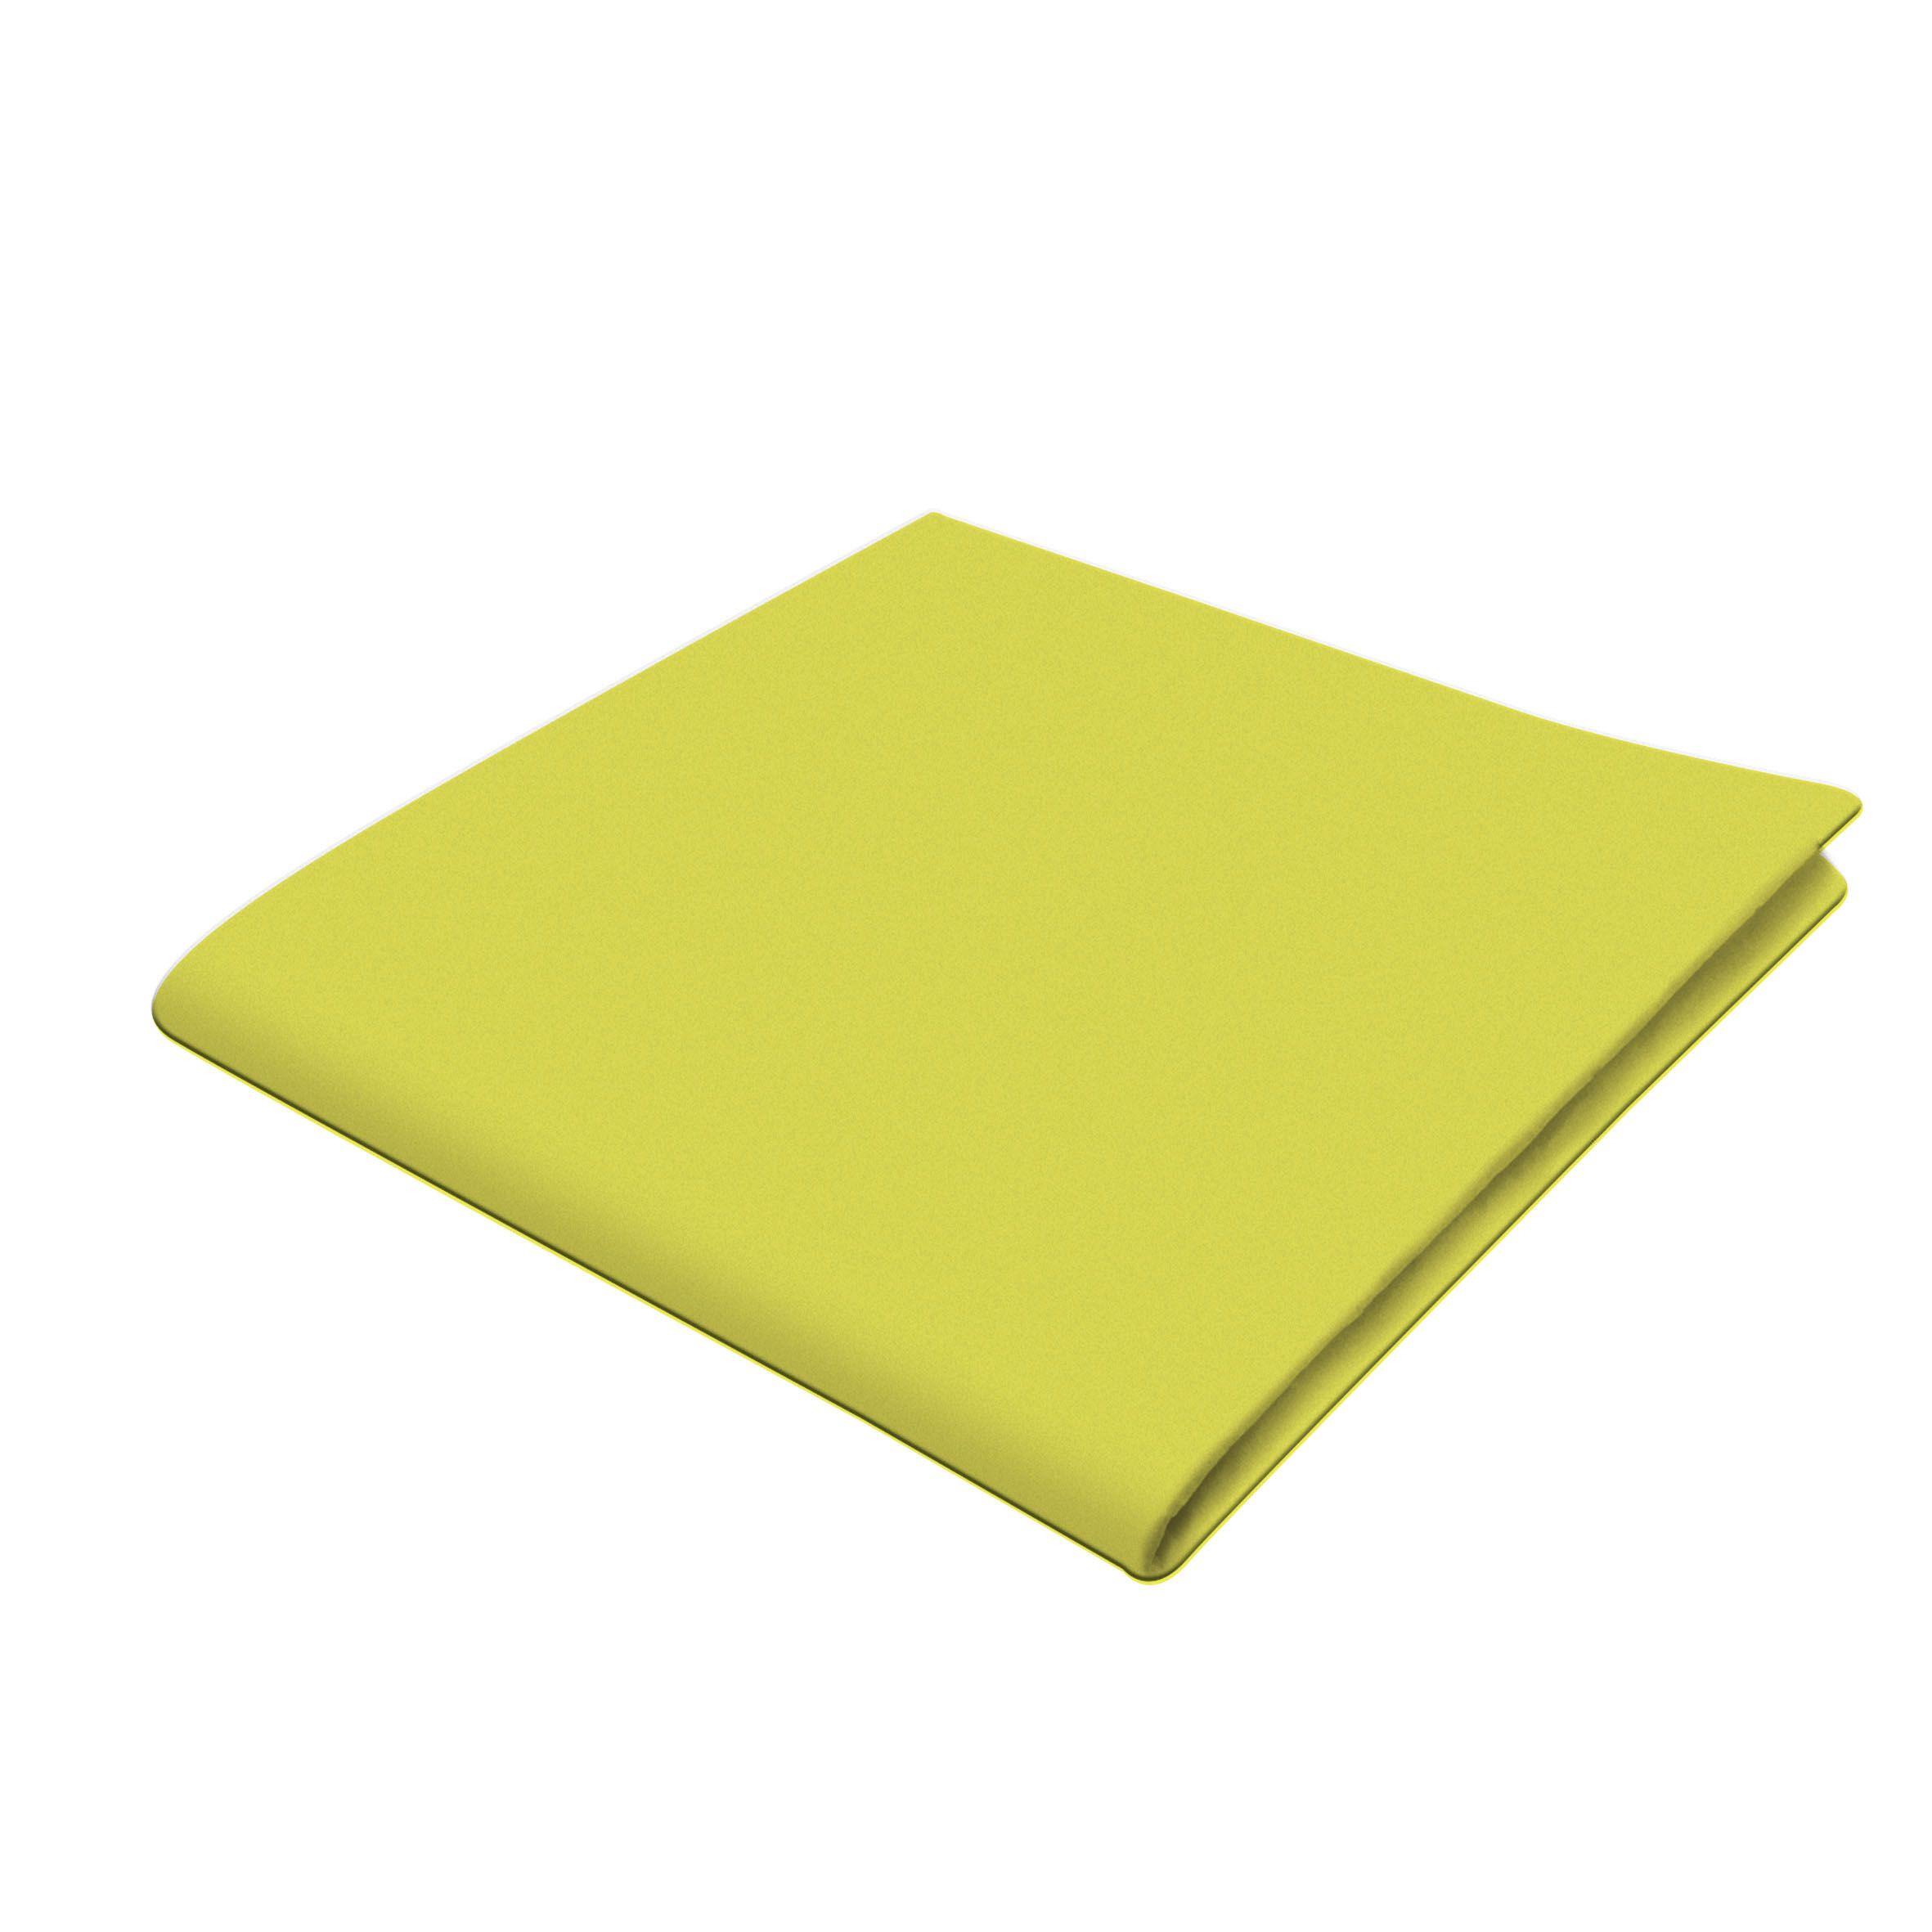 Desinfektions- und Reinigungstücher 40 x 40 cm in gelb, Packung á 10 Stück